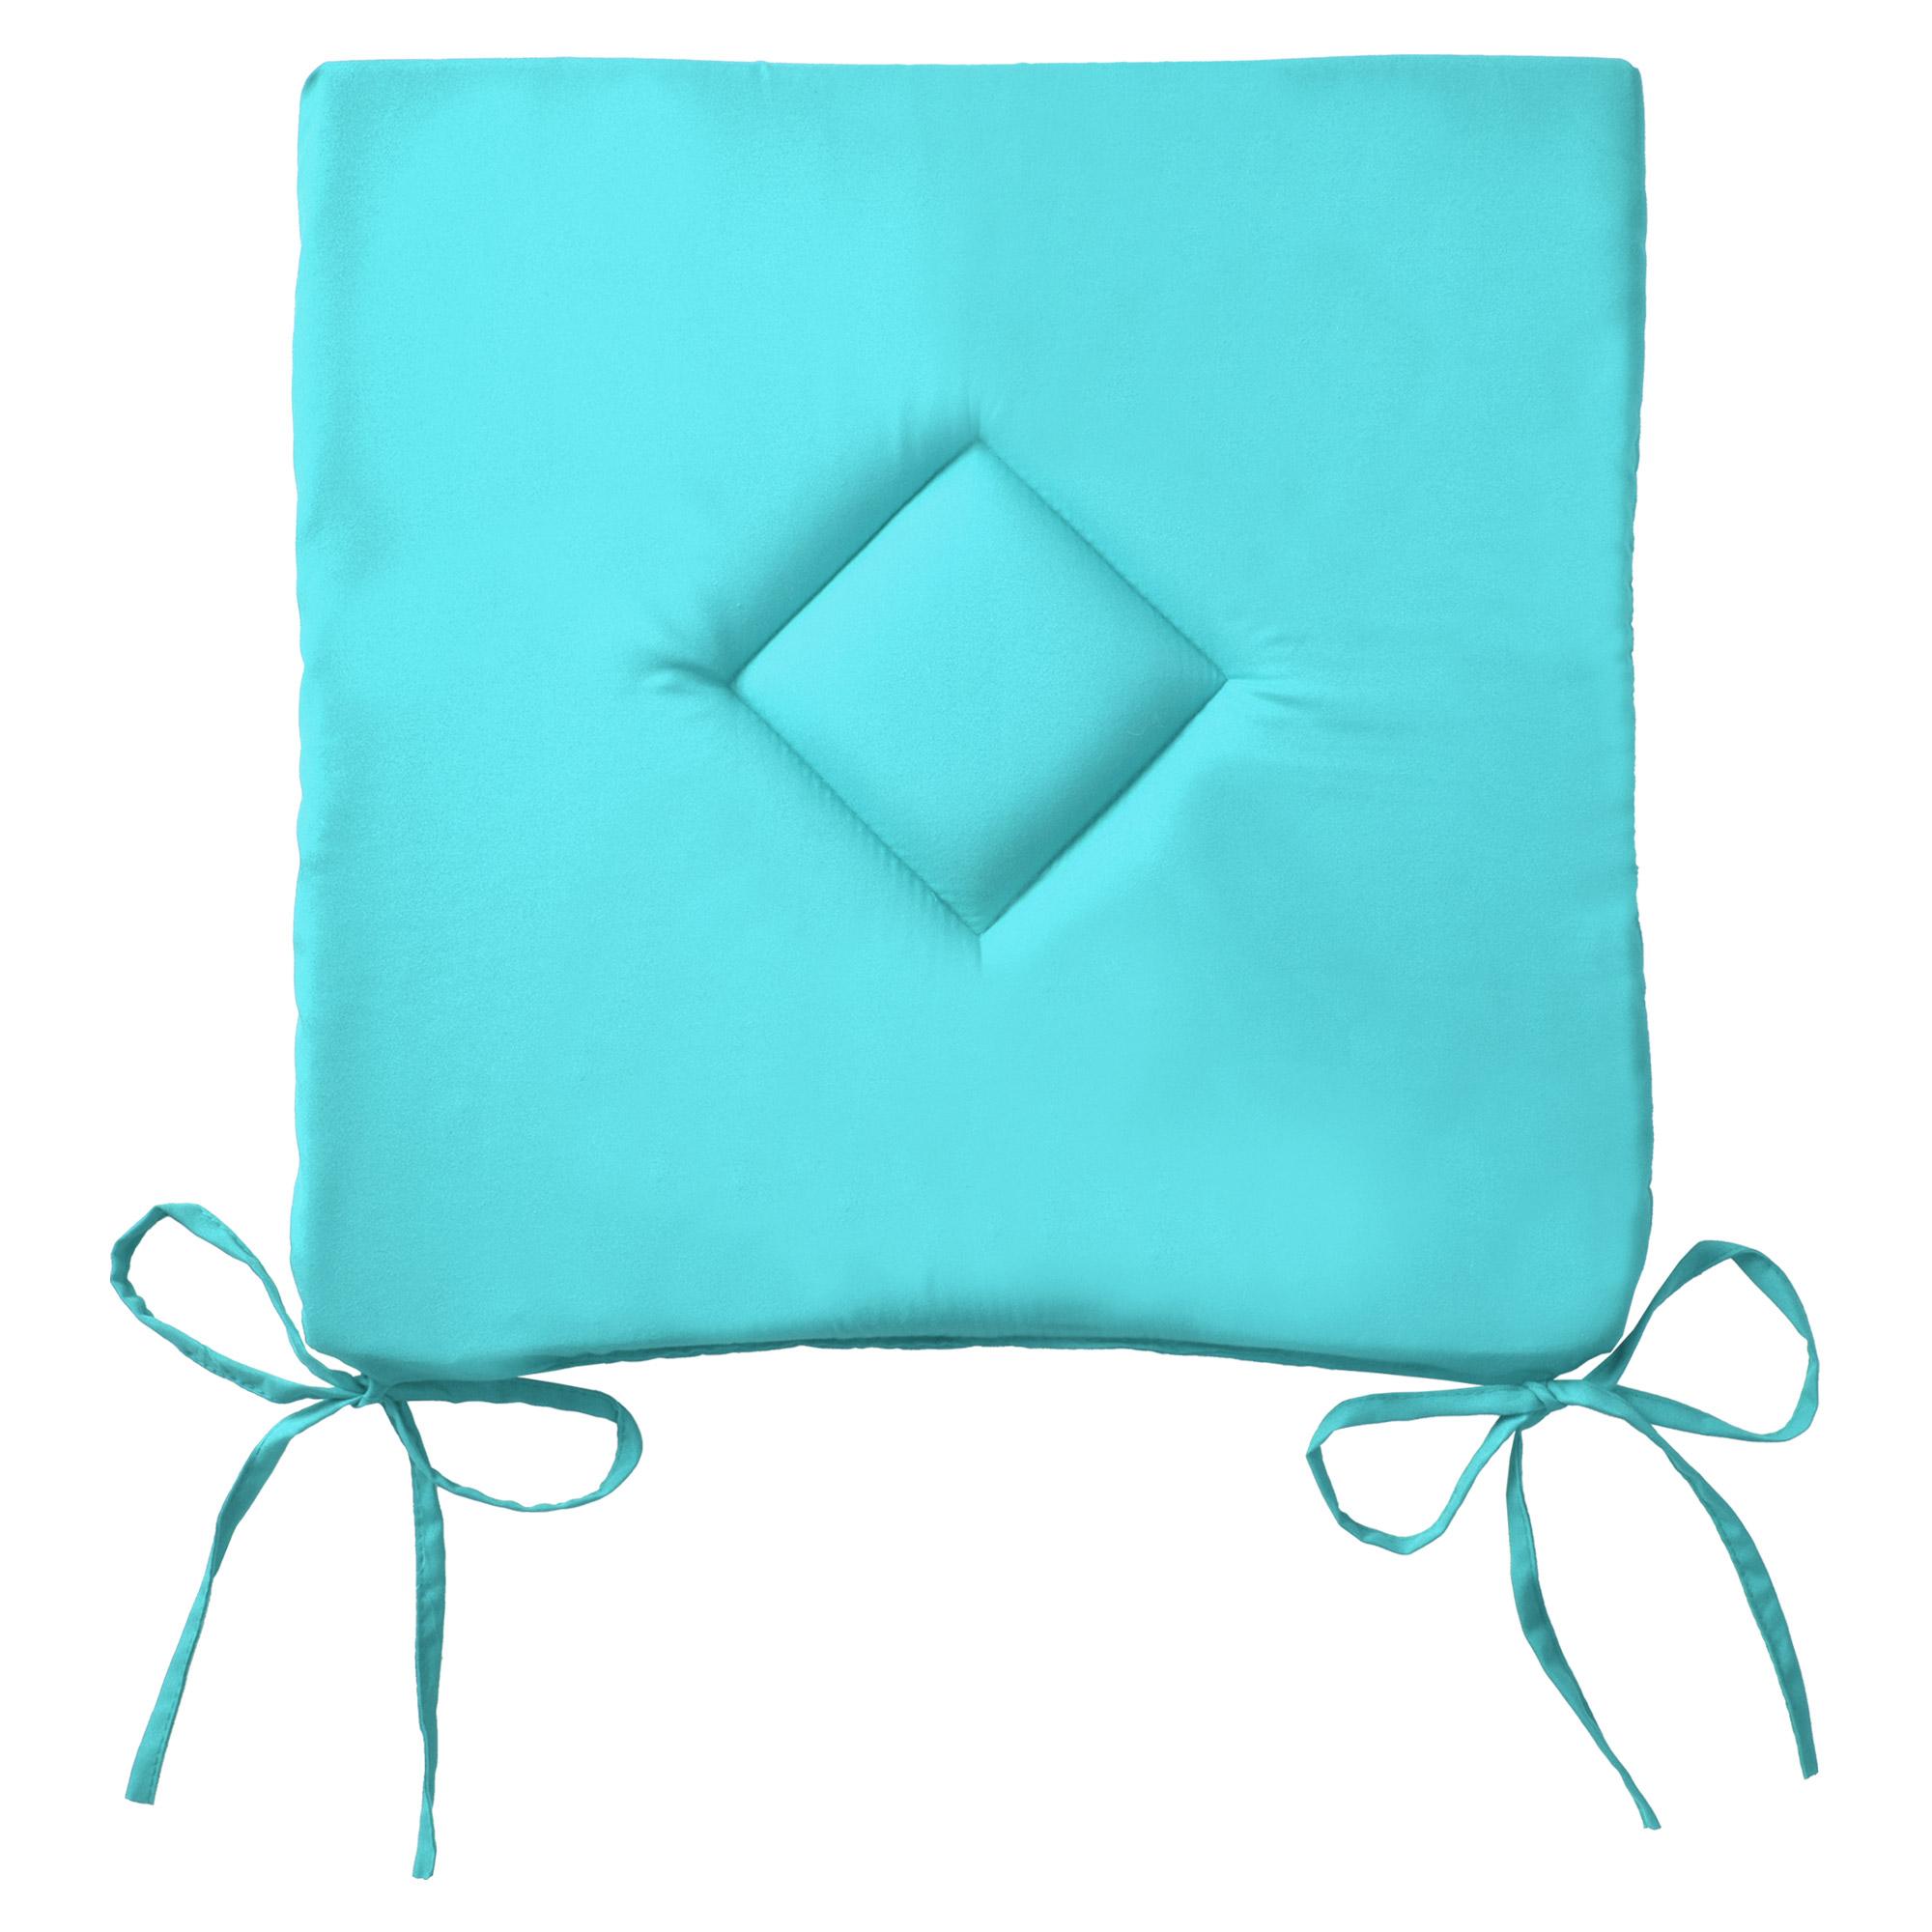 stuhlkissen 40x40x3 cm dekokissen wohnung sitzkissen bodenkissen garten kissen ebay. Black Bedroom Furniture Sets. Home Design Ideas